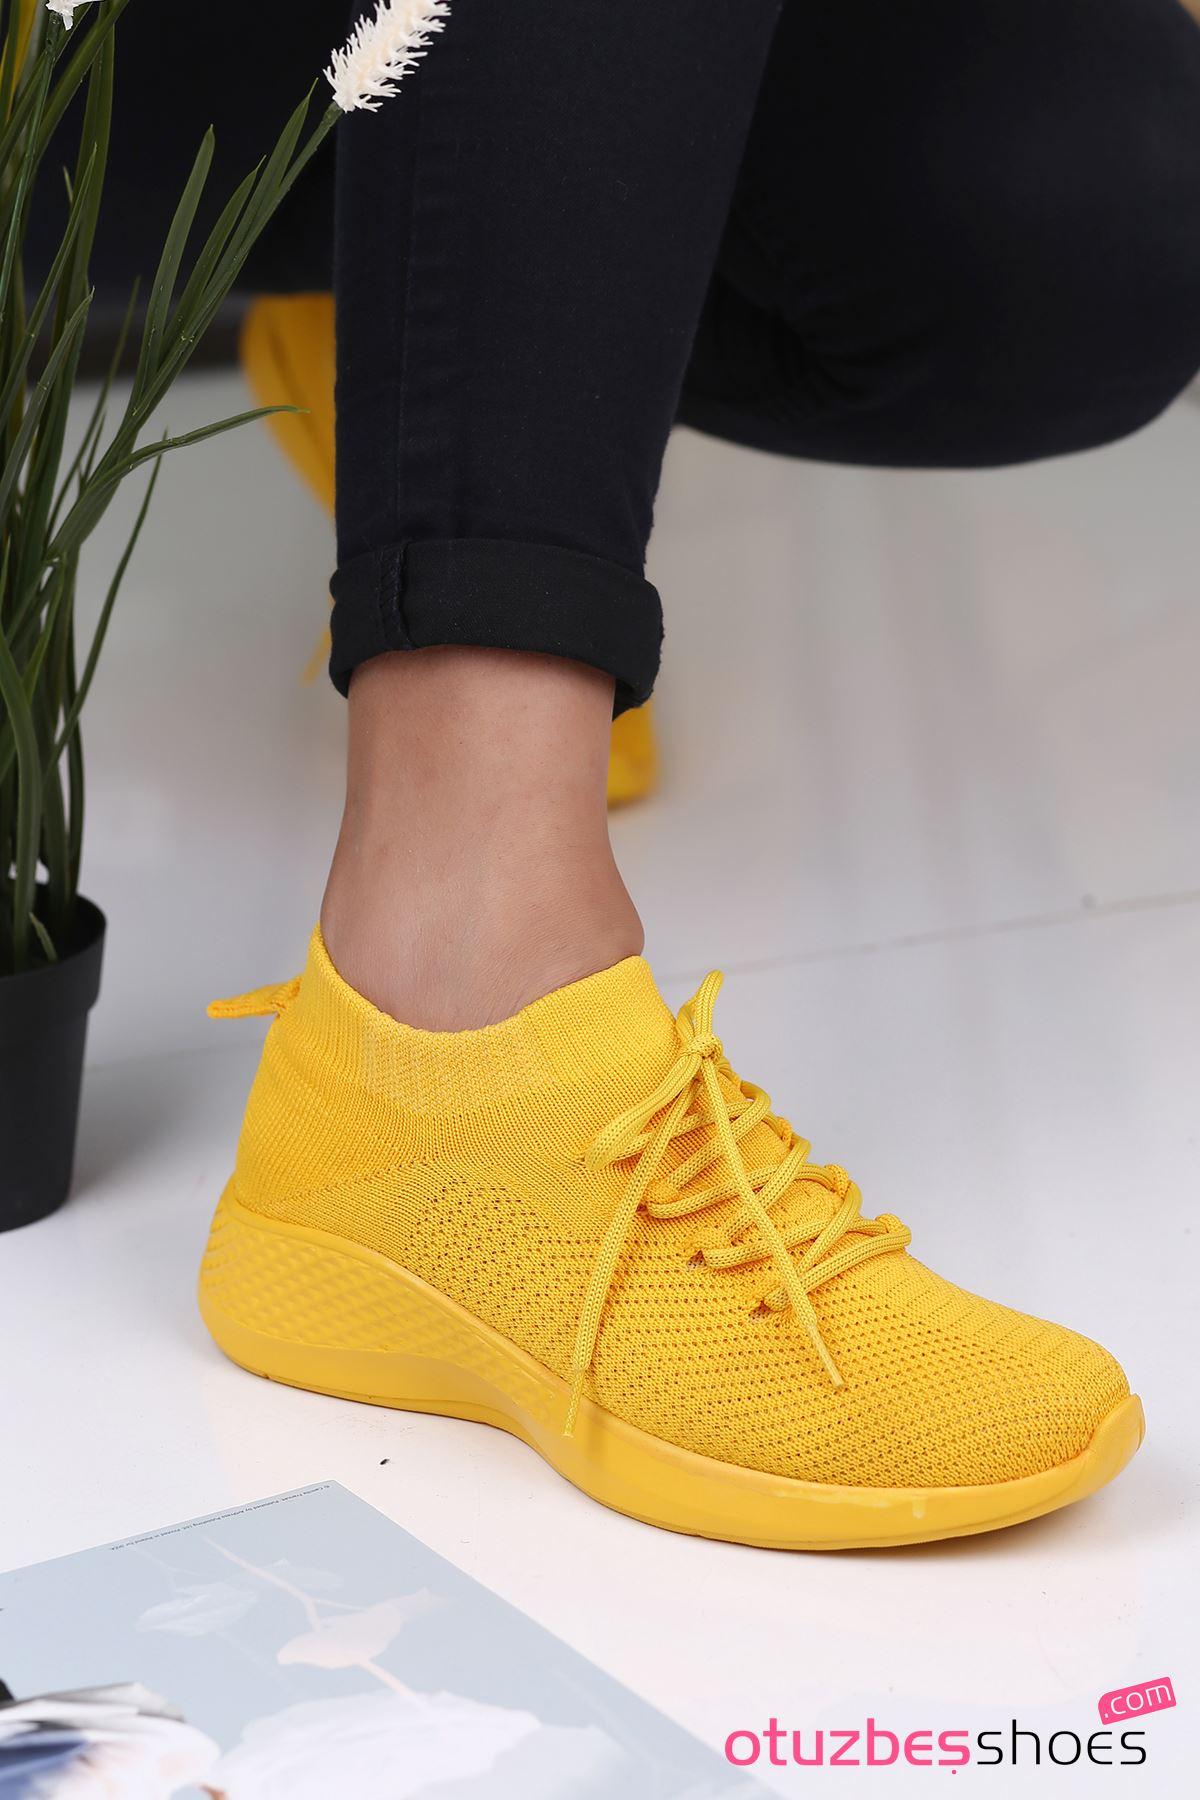 Pops Çelik Örgü Bağcık Detay Triko Kadın Spor Ayakkabı Sarı